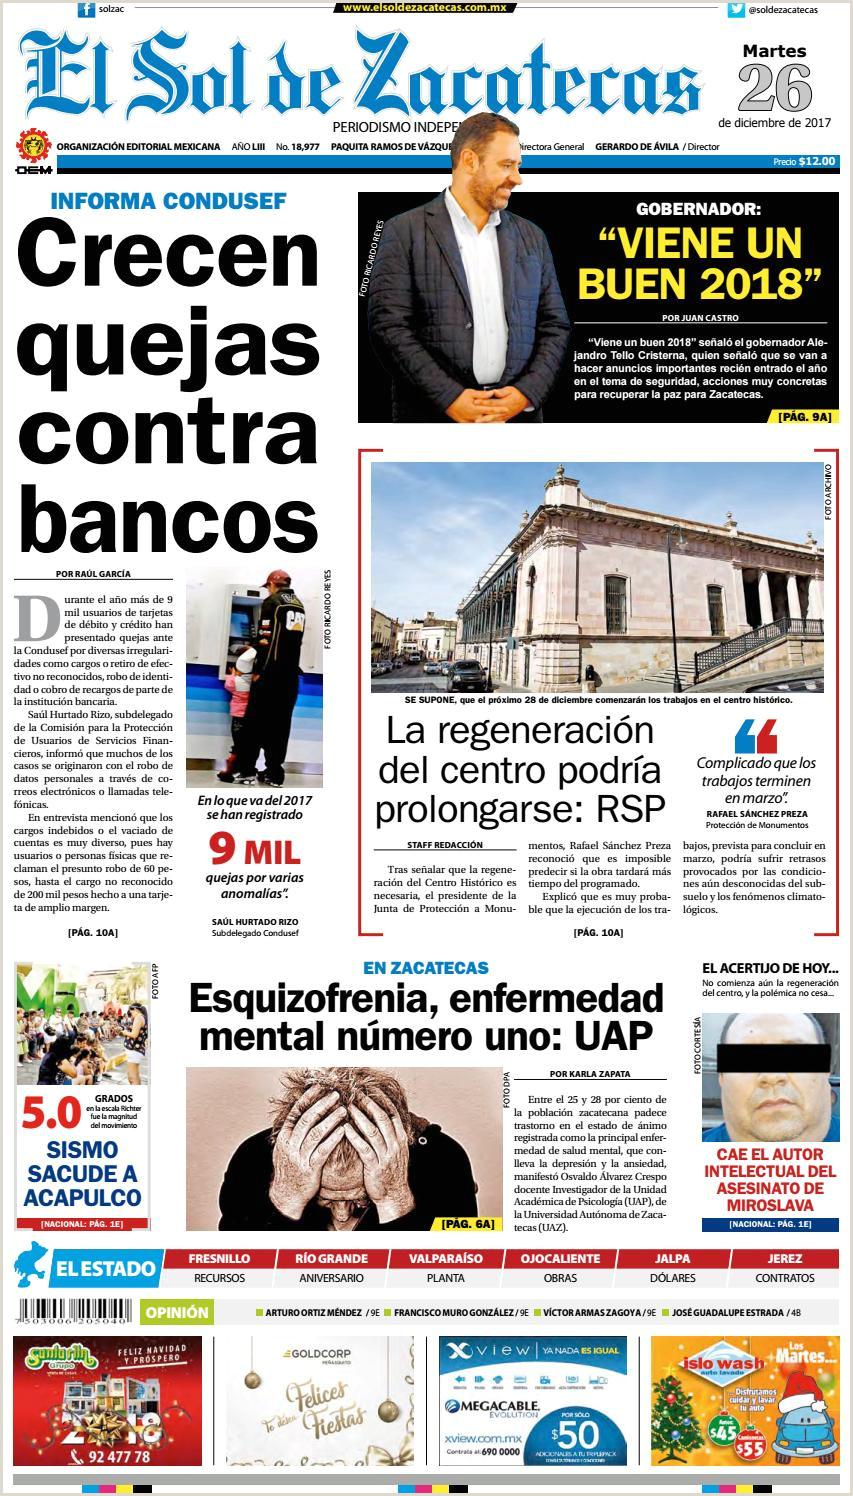 El Sol de Zacatecas 26 de diciembre 2017 by El Sol de